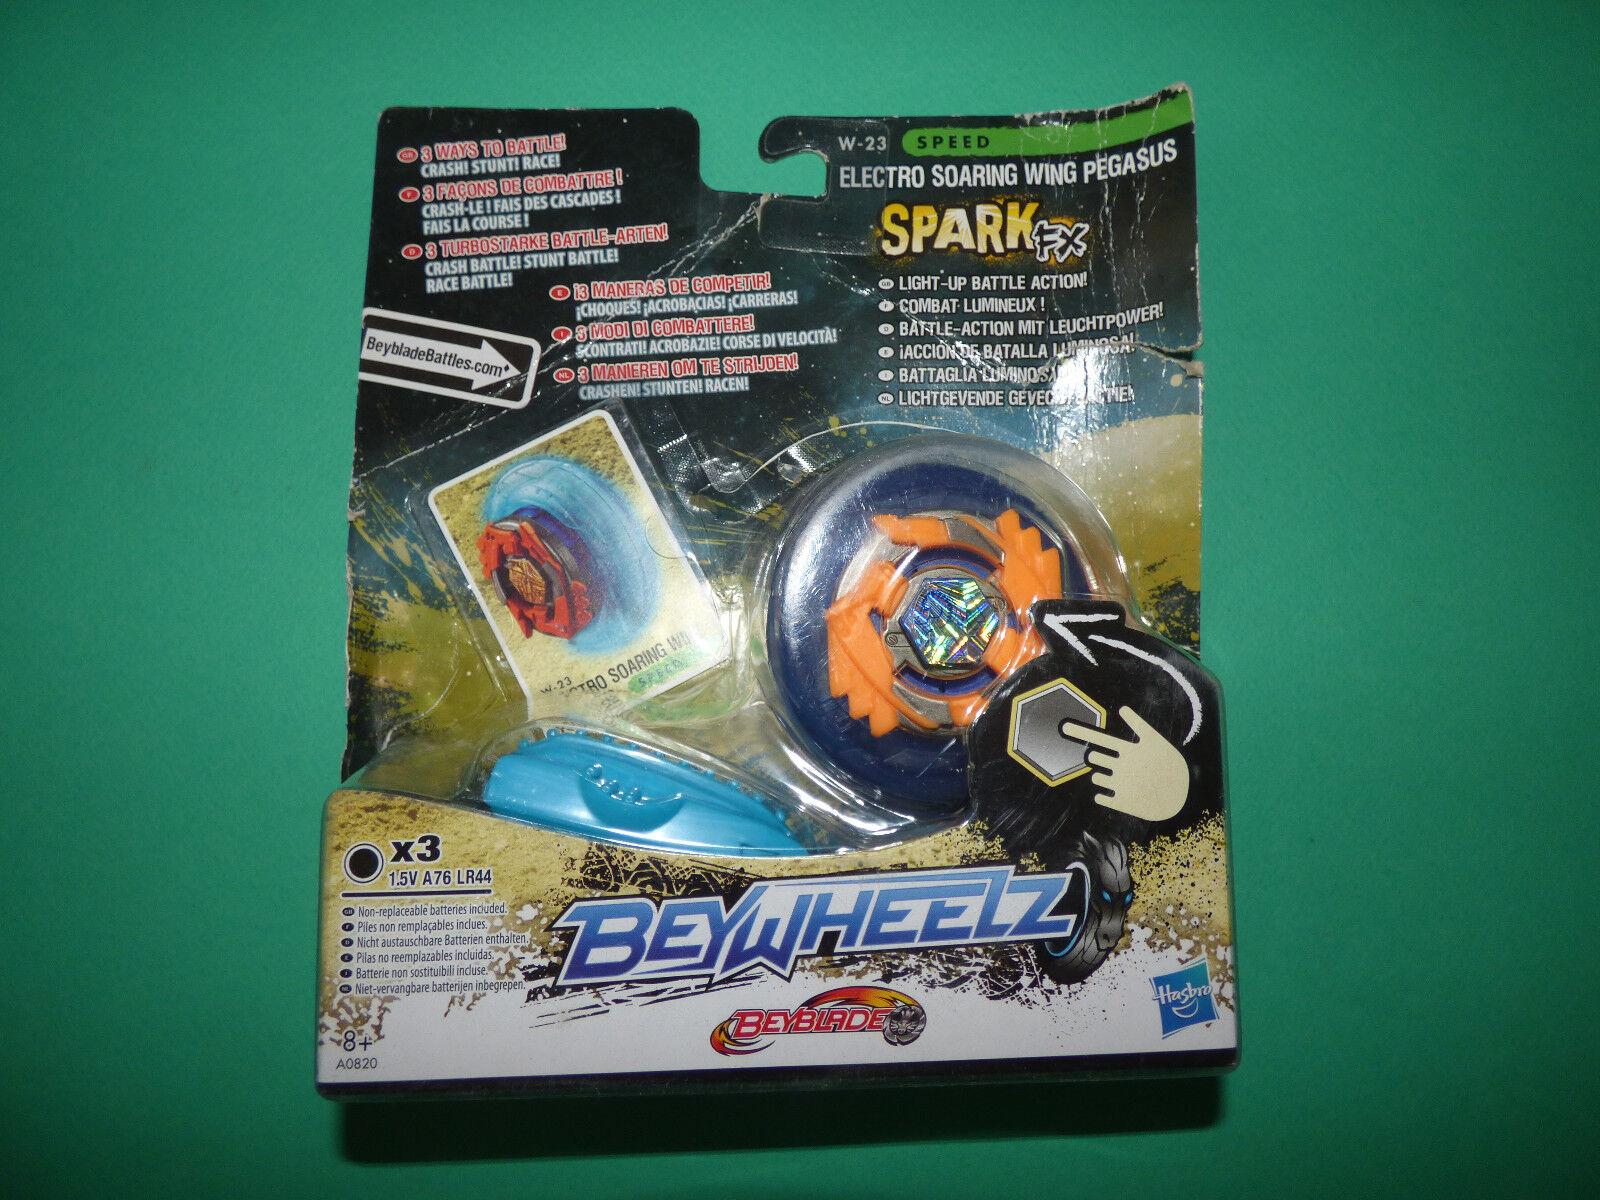 Beyblade Beywheelz W-23 Electro Soaring Wing Pegasus Battler New Spark FX